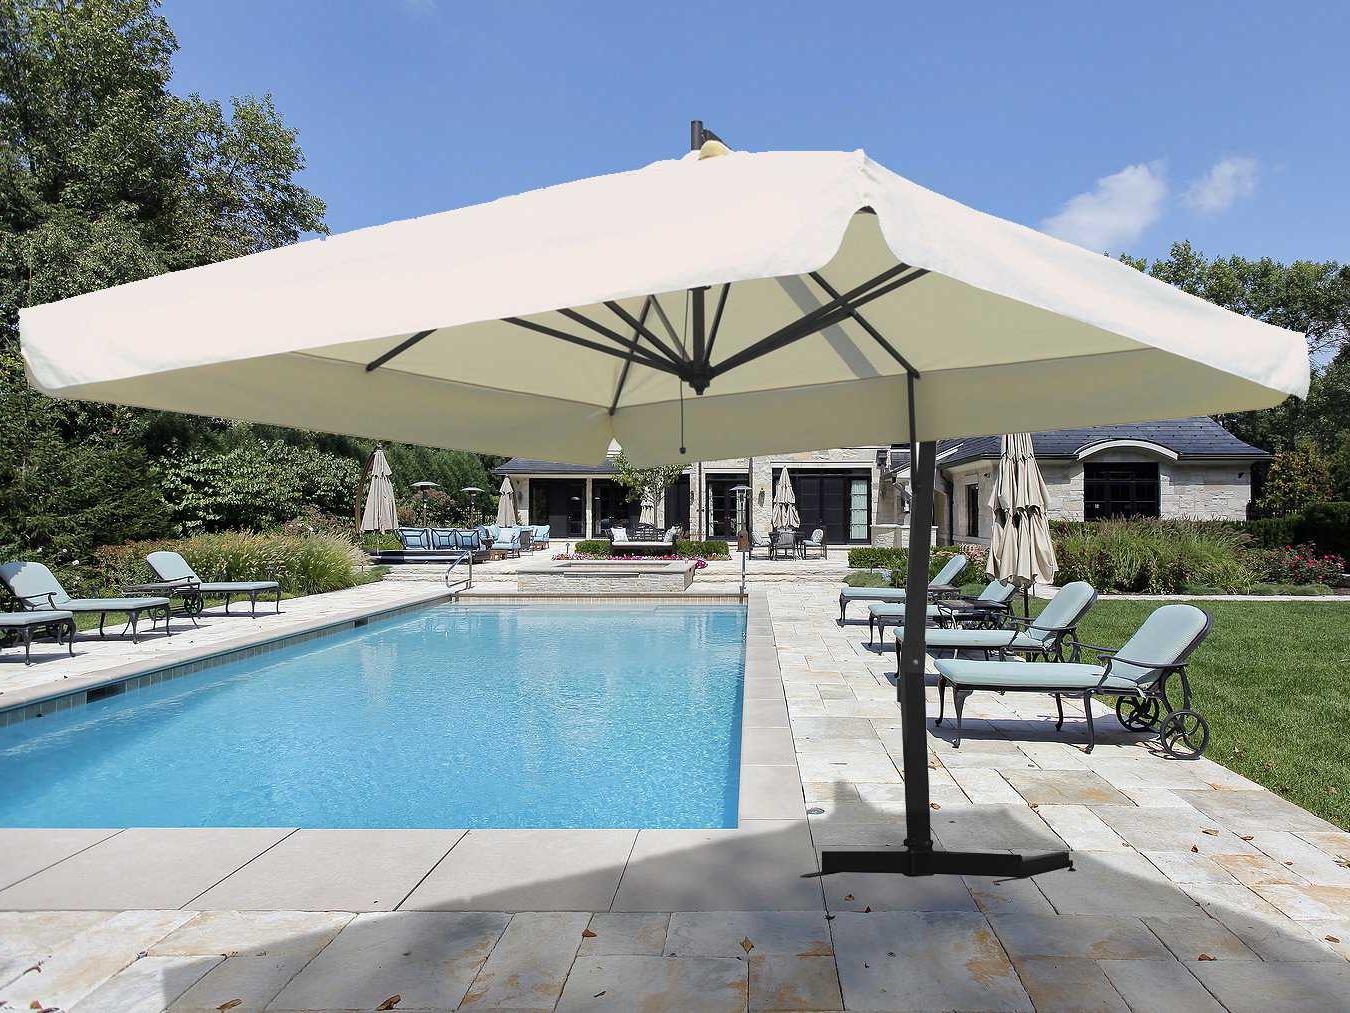 Most Popular Fim P Series Aluminum 10 X 13 Crank Lift Cantilever Umbrella Throughout Cantilever Umbrellas (View 14 of 20)